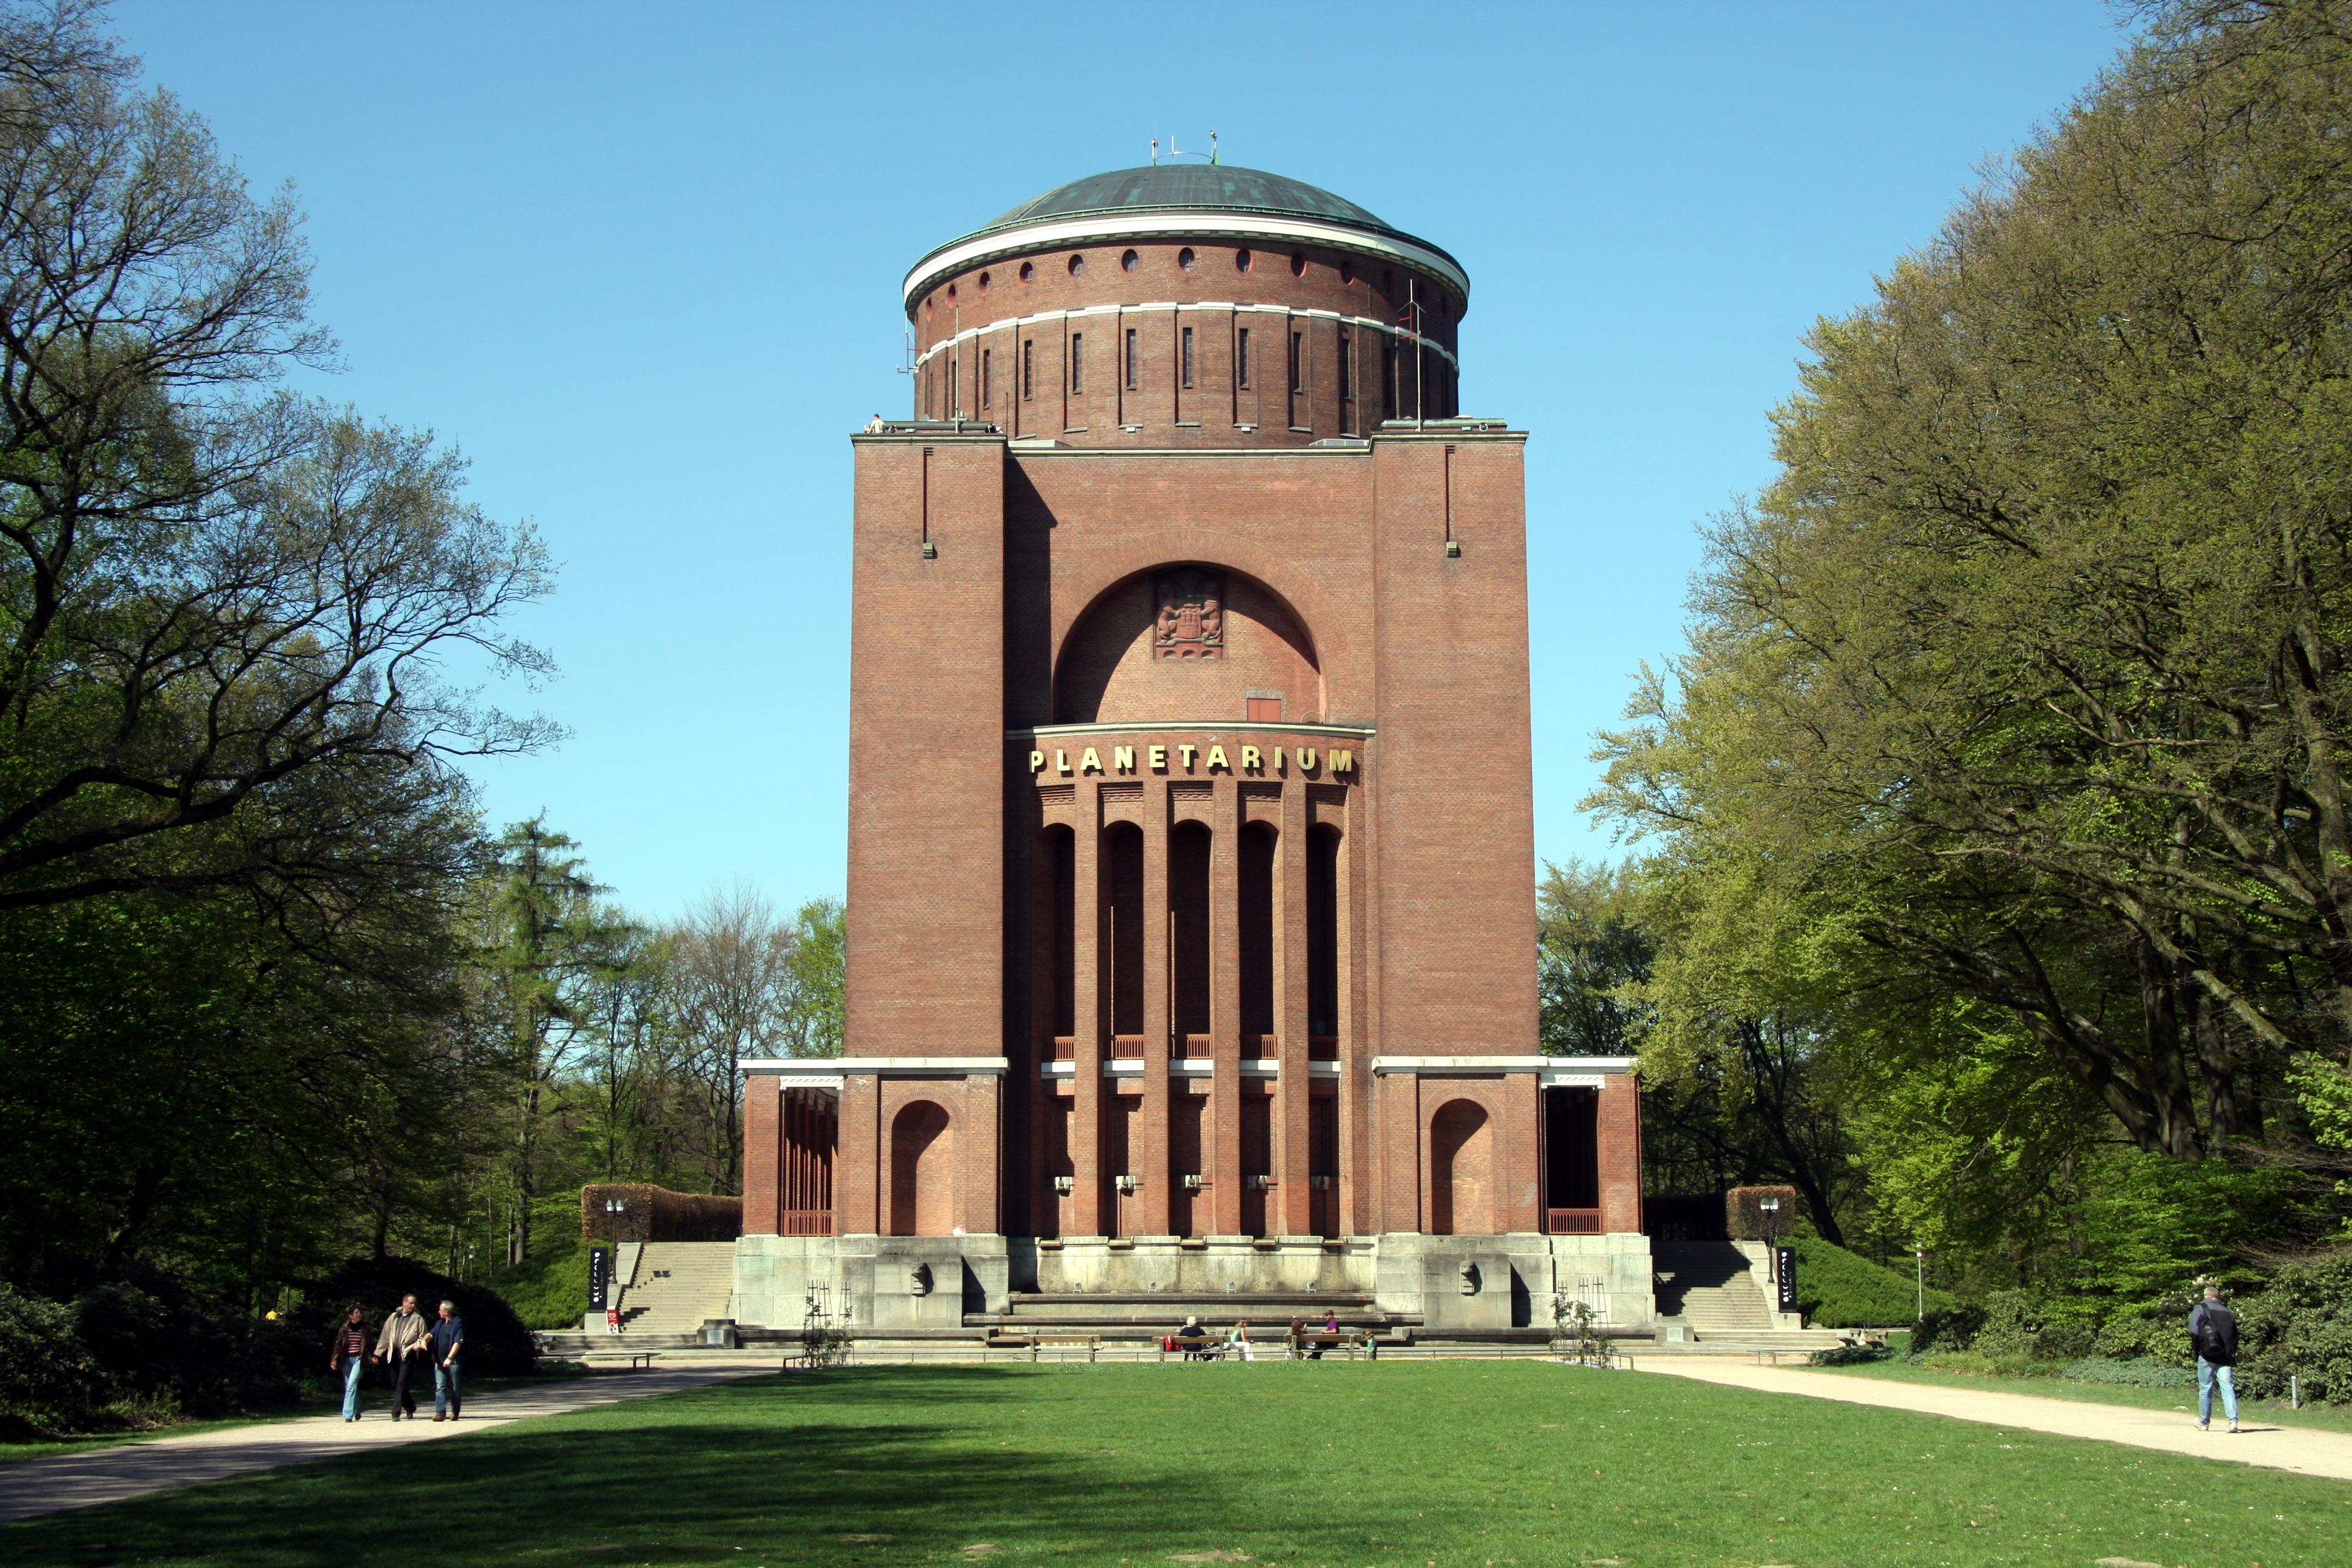 File:Planetarium Hamburg.JPG - Wikimedia Commons